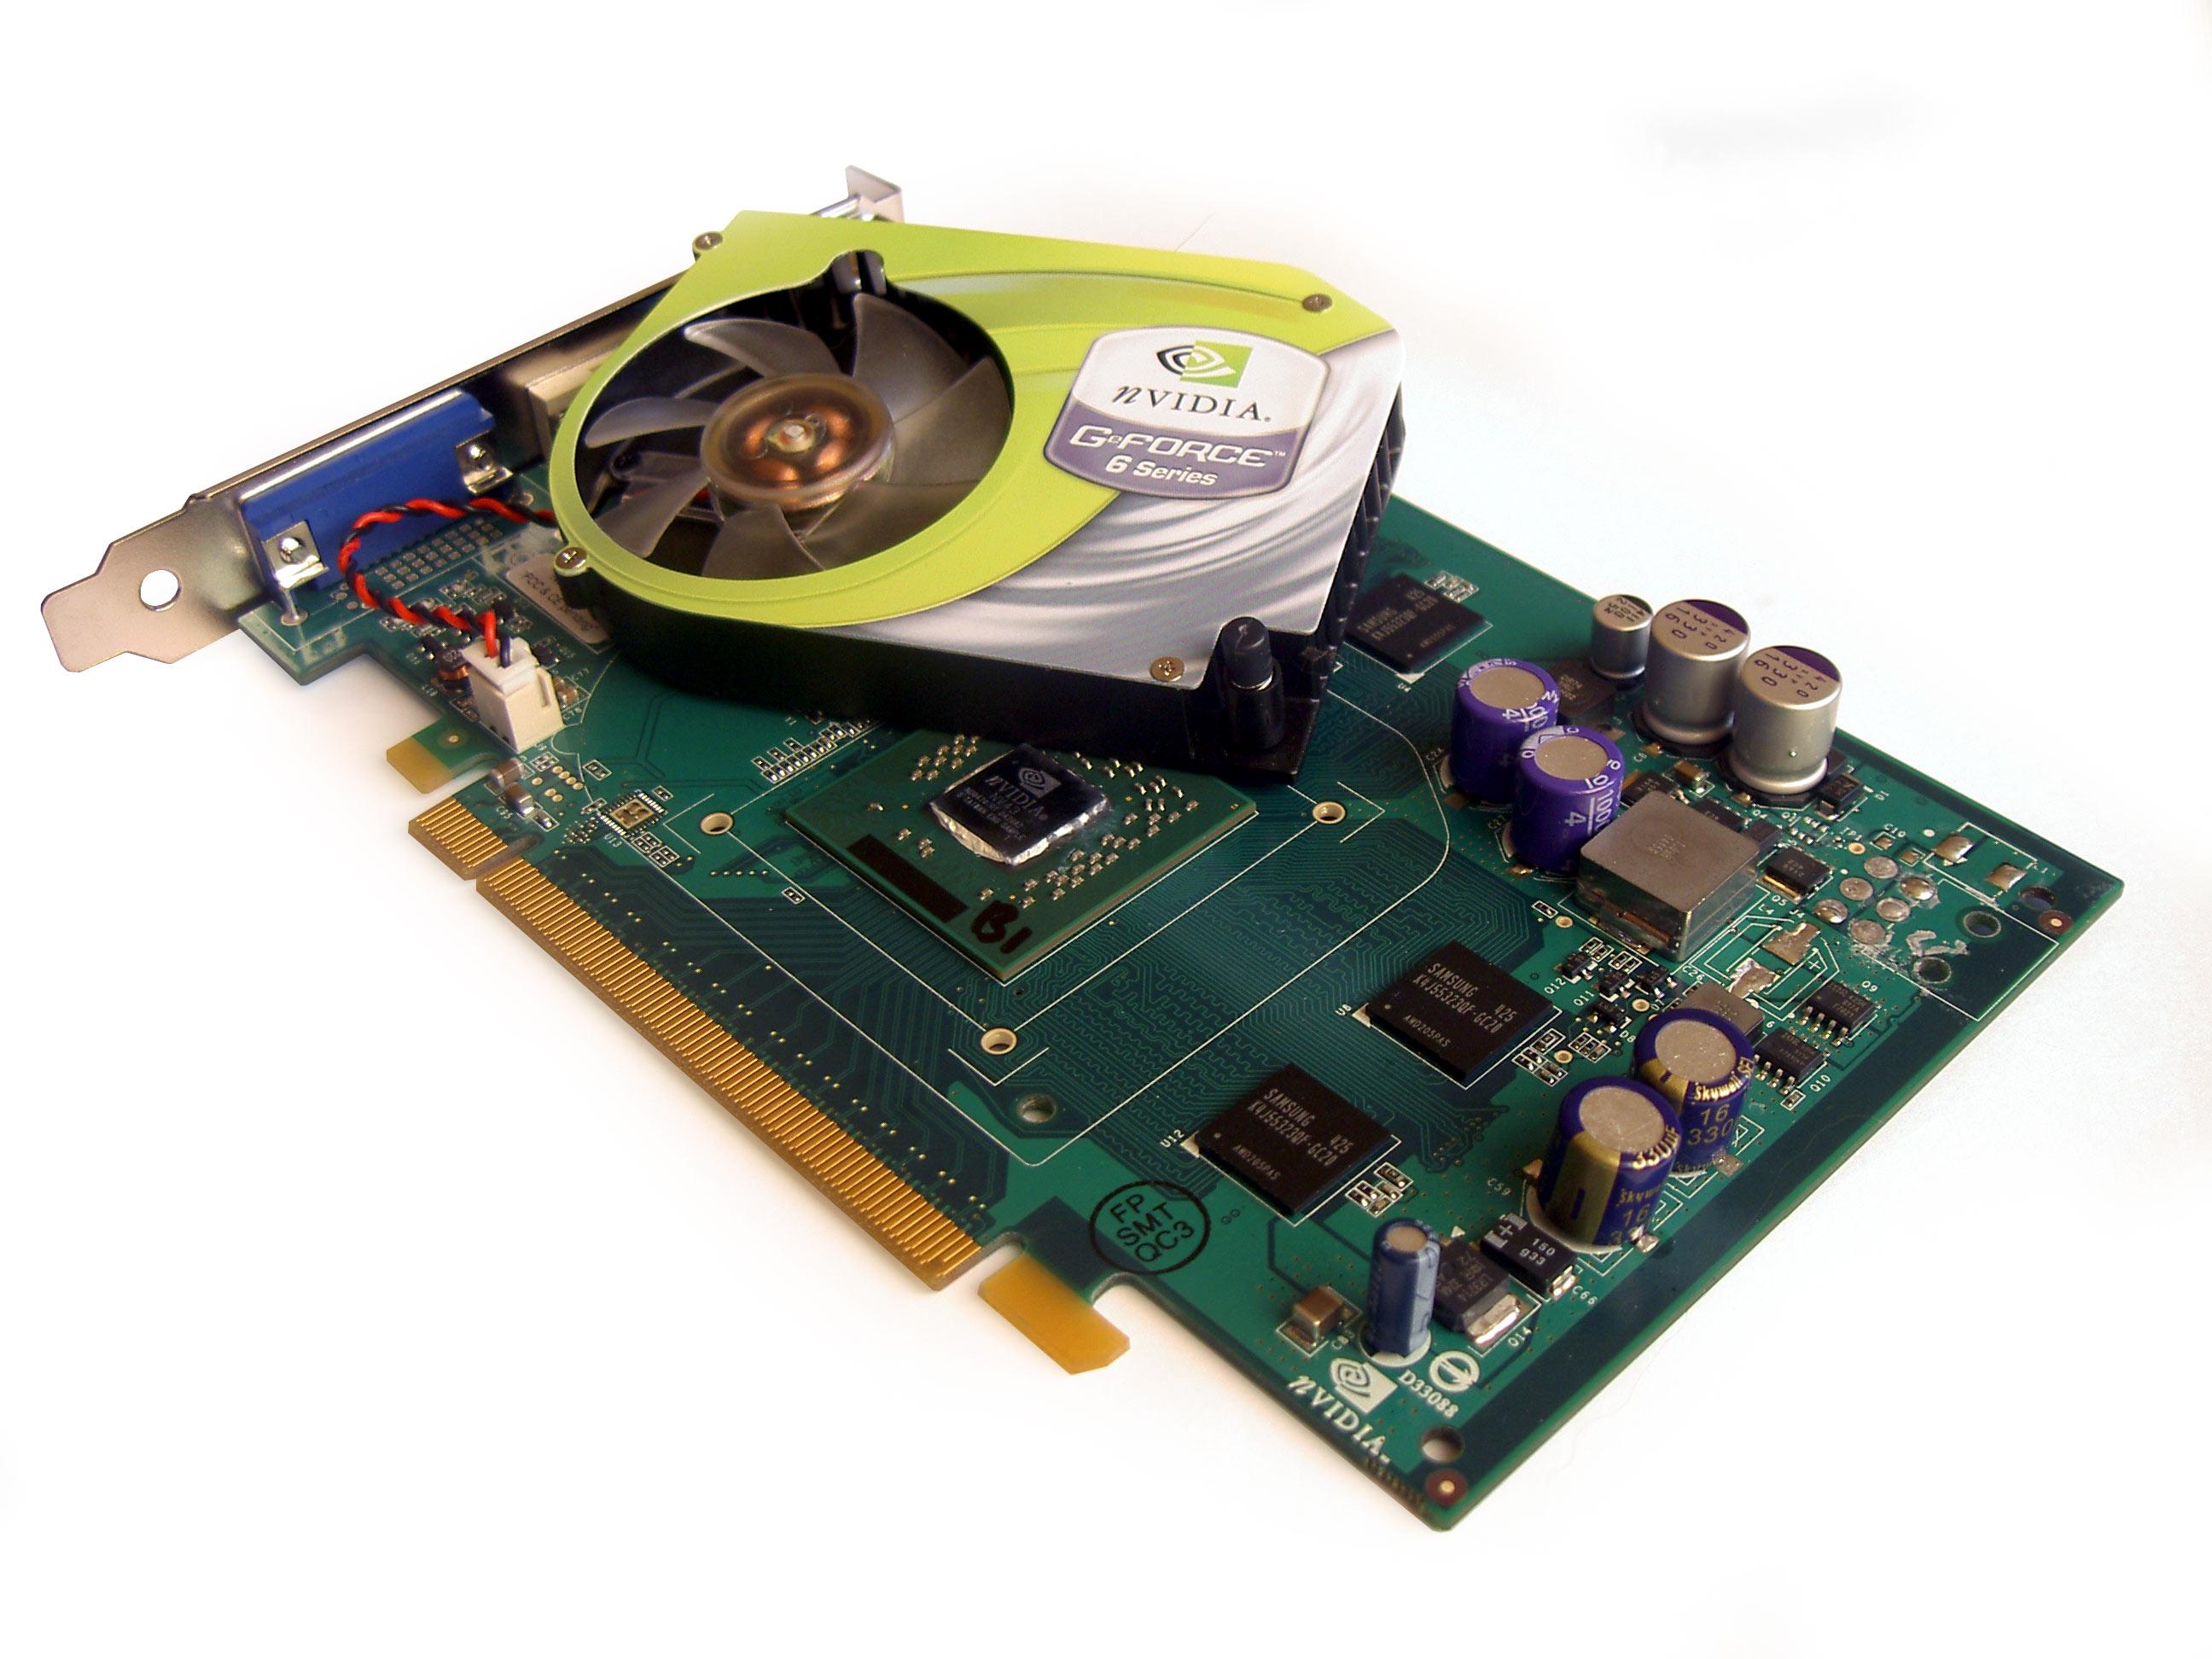 Купить видеокарту nvidia 6800 gt в москве philips hts9810/12 купить в москве